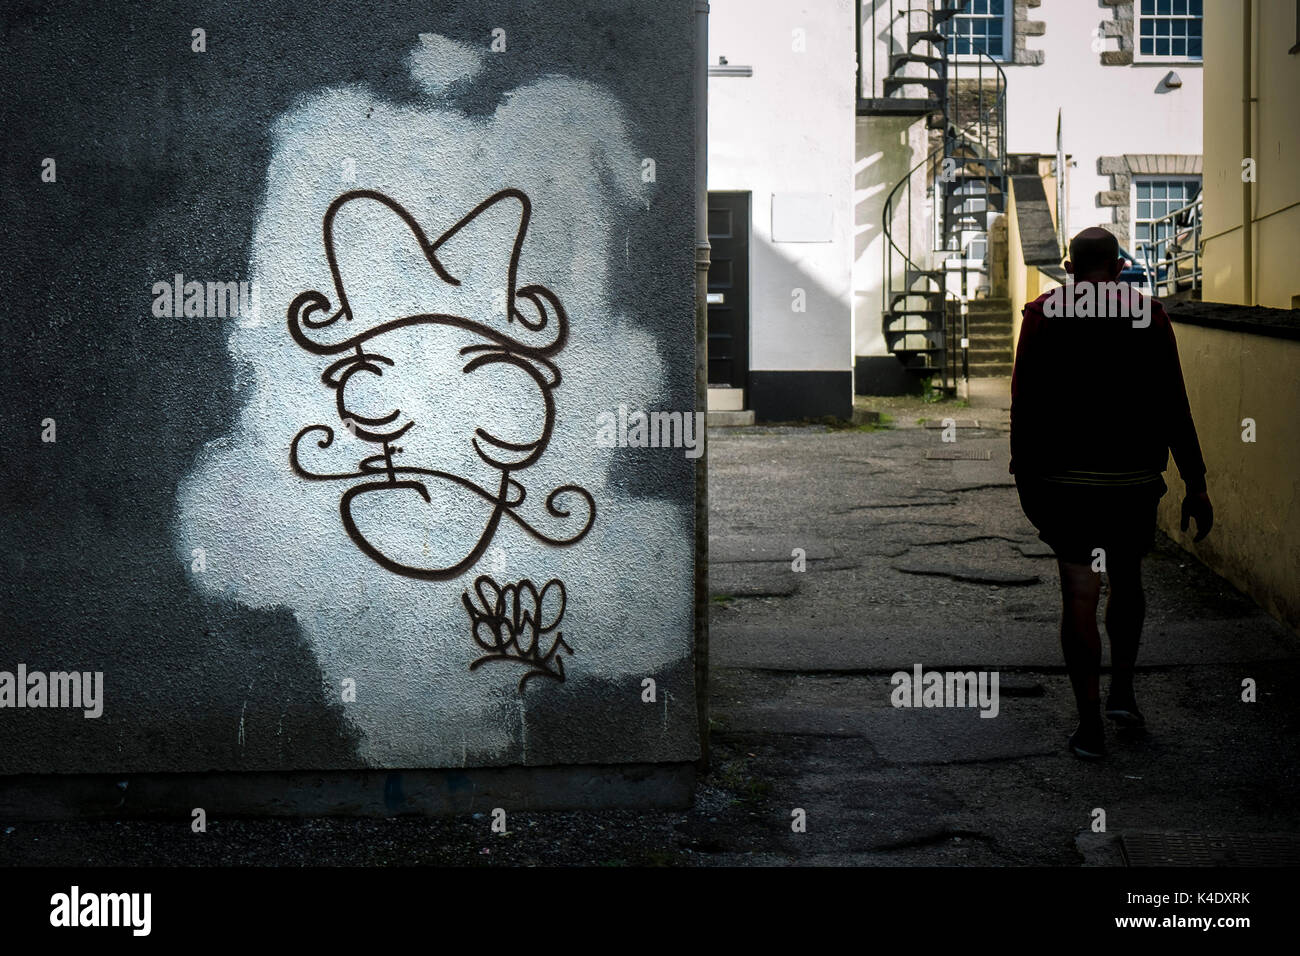 Graffiti - una figura a piedi passato graffiti spruzzato su una parete in truro city centre in Cornovaglia. Immagini Stock